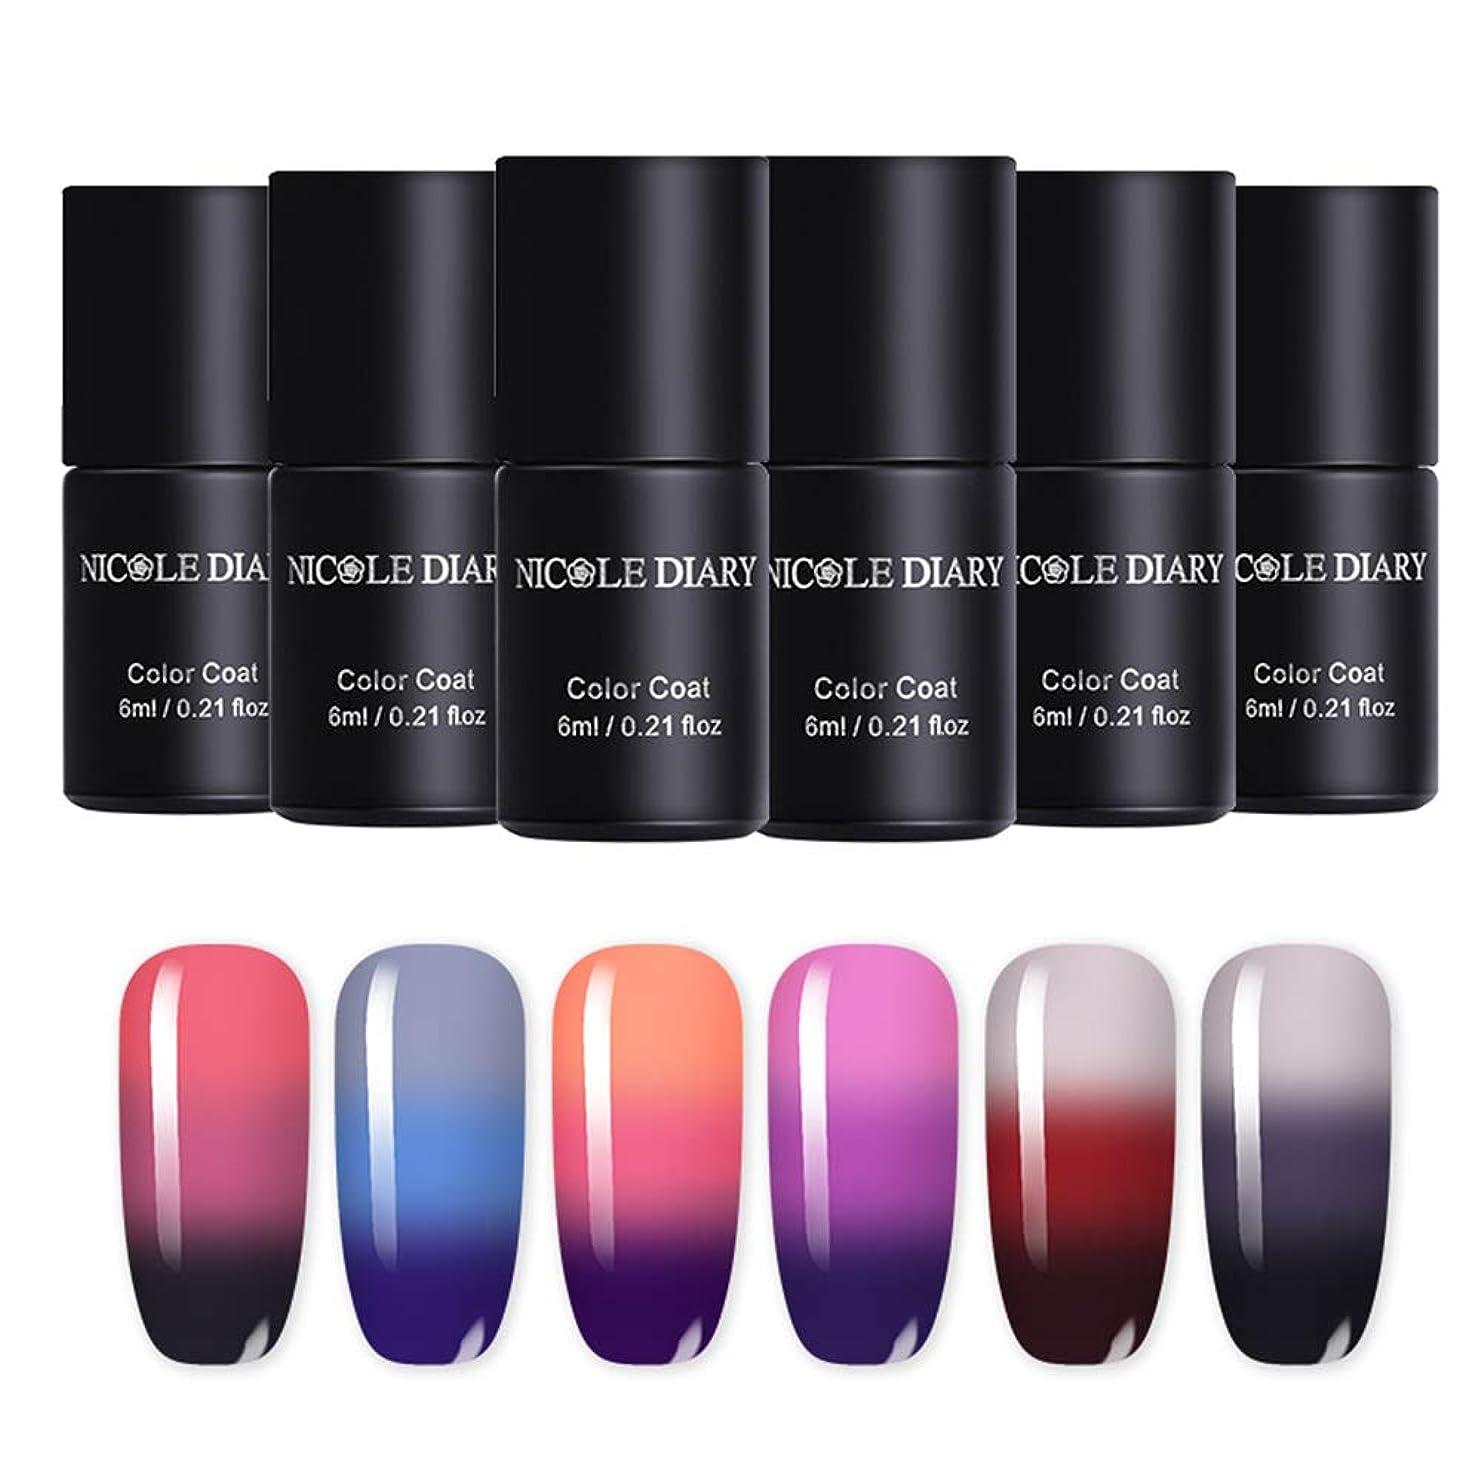 更新する台風違反するNICOLE DIARY 温度によって色が変わるジェル 3段階の色に変化 カメレオンジェル 6ml UV/LED対応 6色 マジックカラージェル ジェルネイル 6カラージェルセット [並行輸入品]